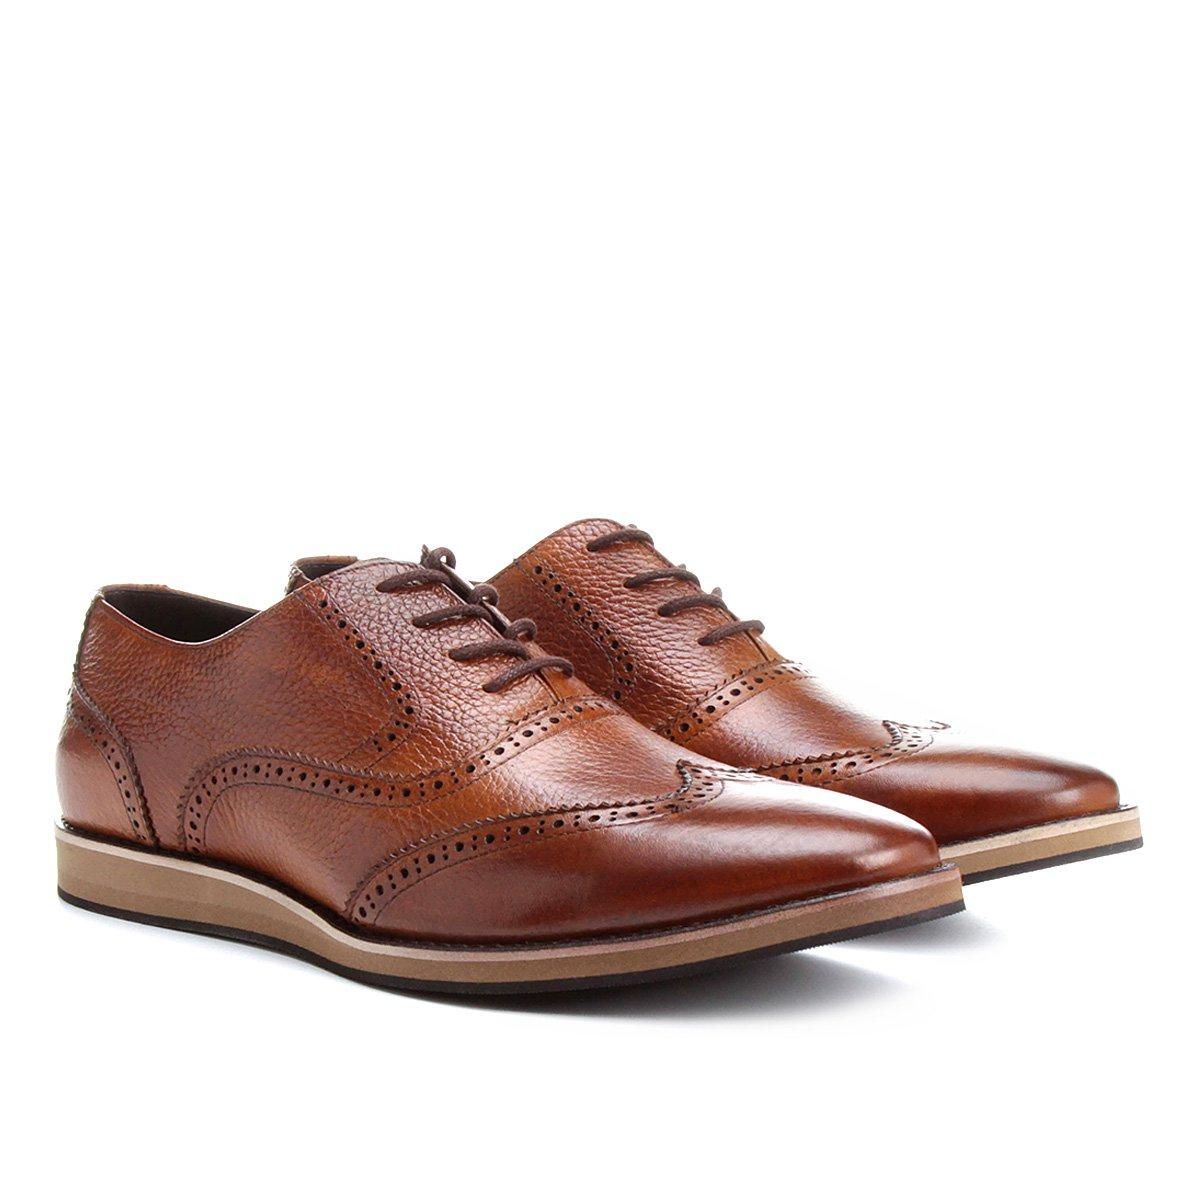 9ca095cfacd Sapato Casual Couro Shoestock Oxford - Compre Agora